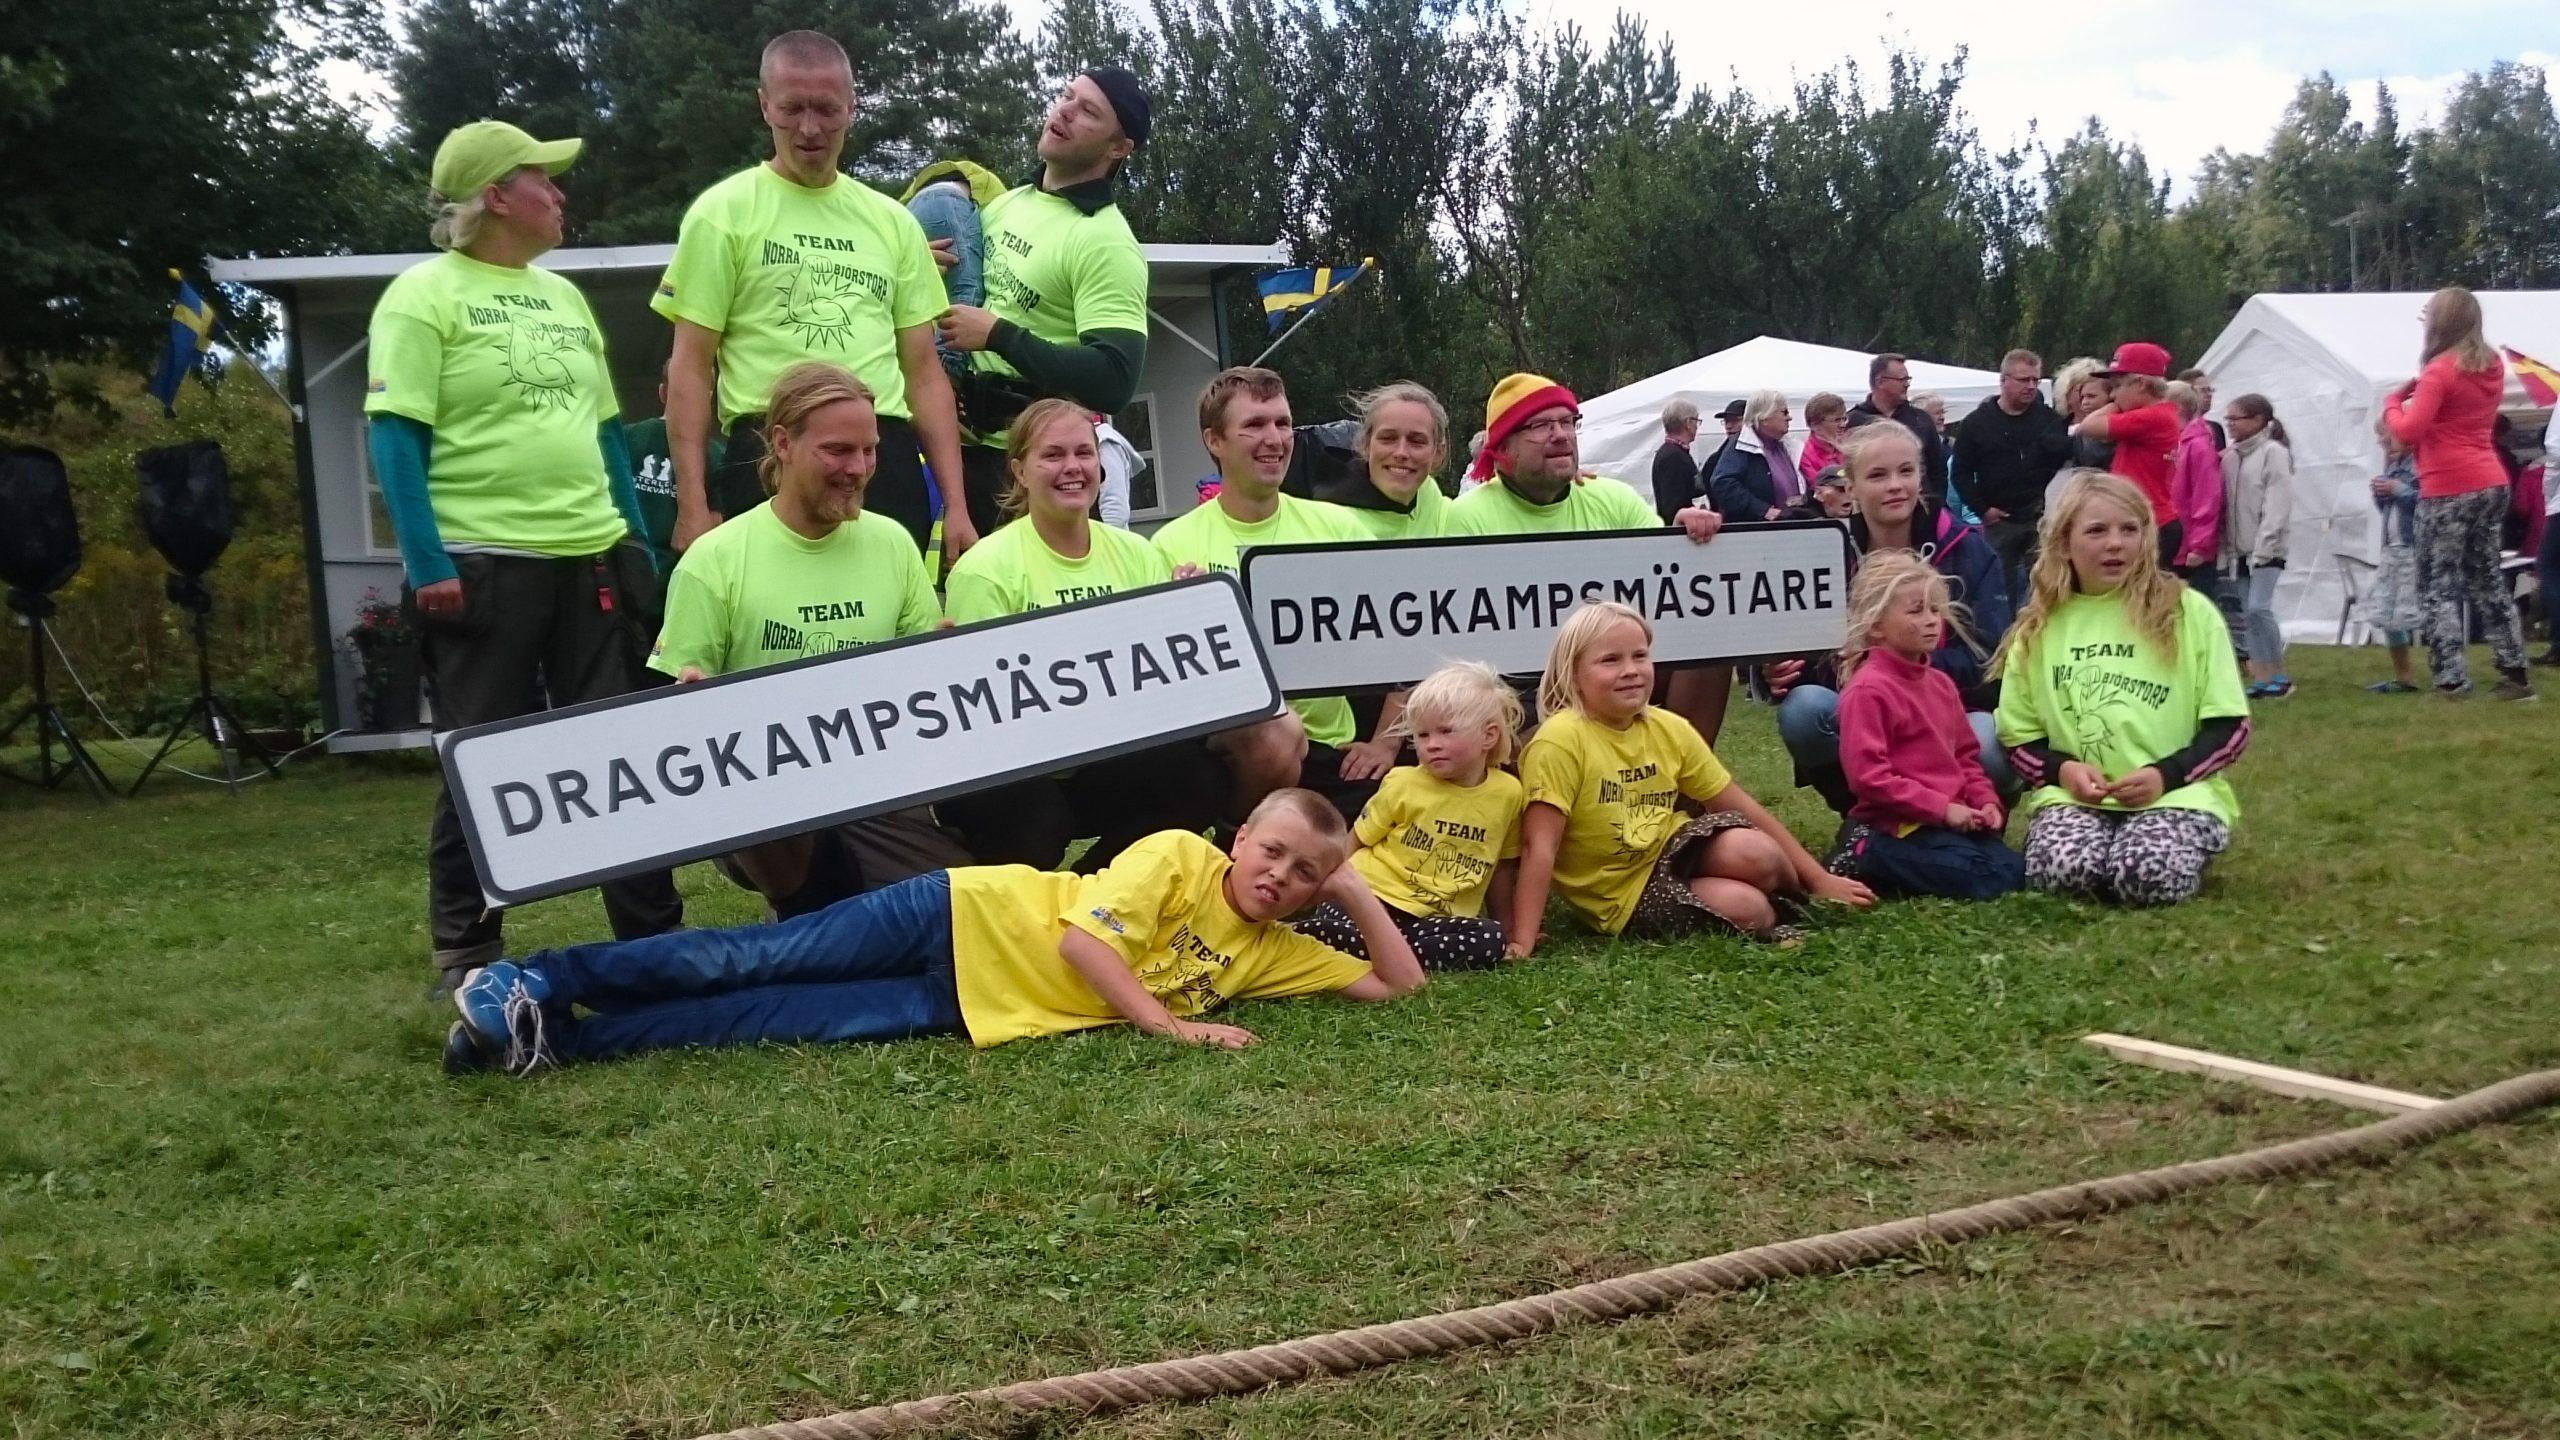 Dragkampsmästare 2015 - Norra Björstorp.